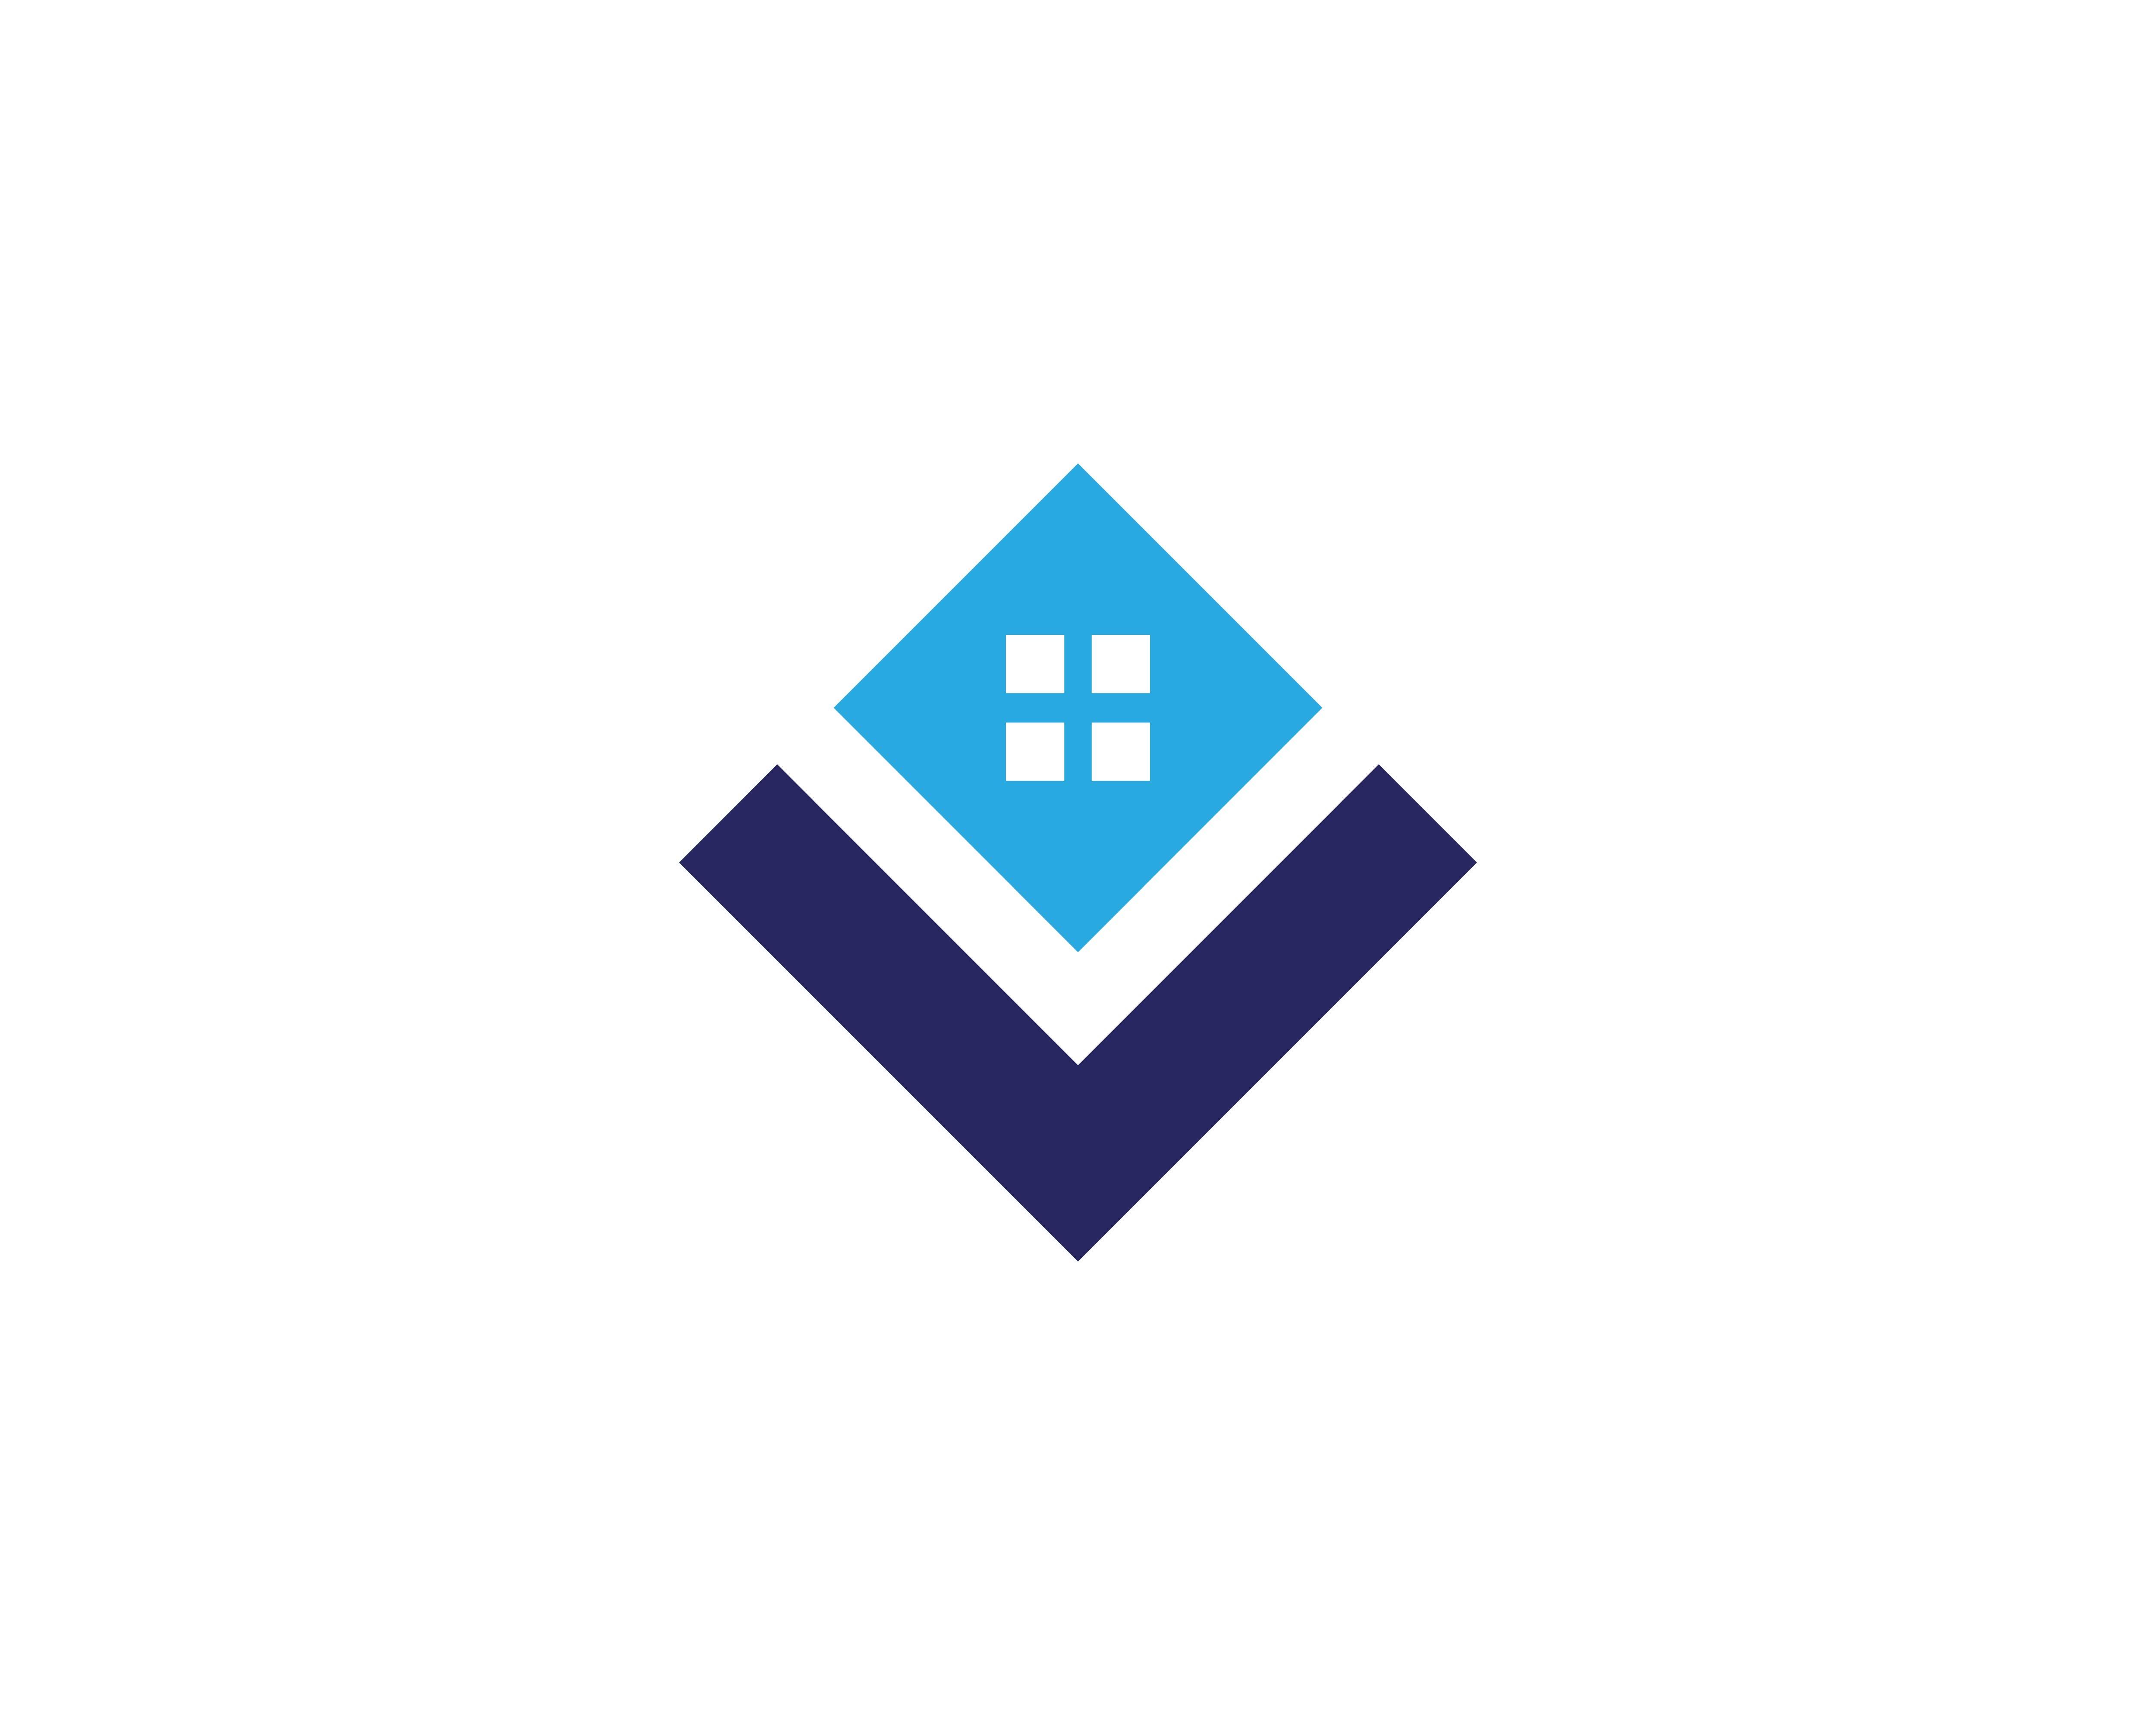 房子 logo 免費下載   天天瘋後製